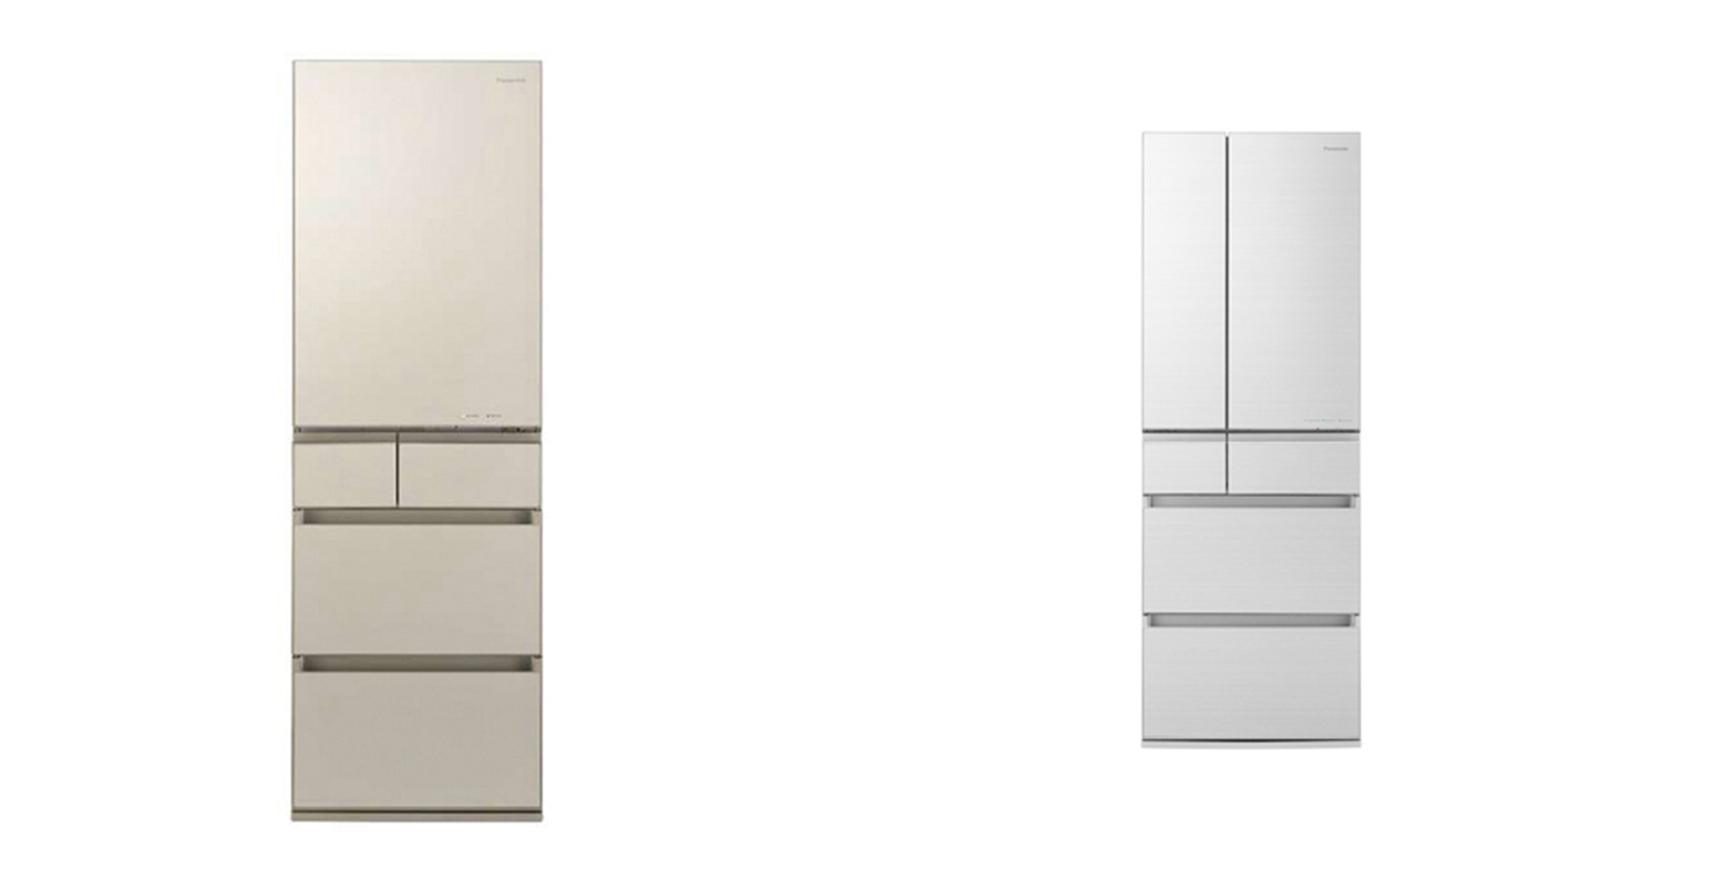 パナソニック(PANASONIC)の冷蔵庫